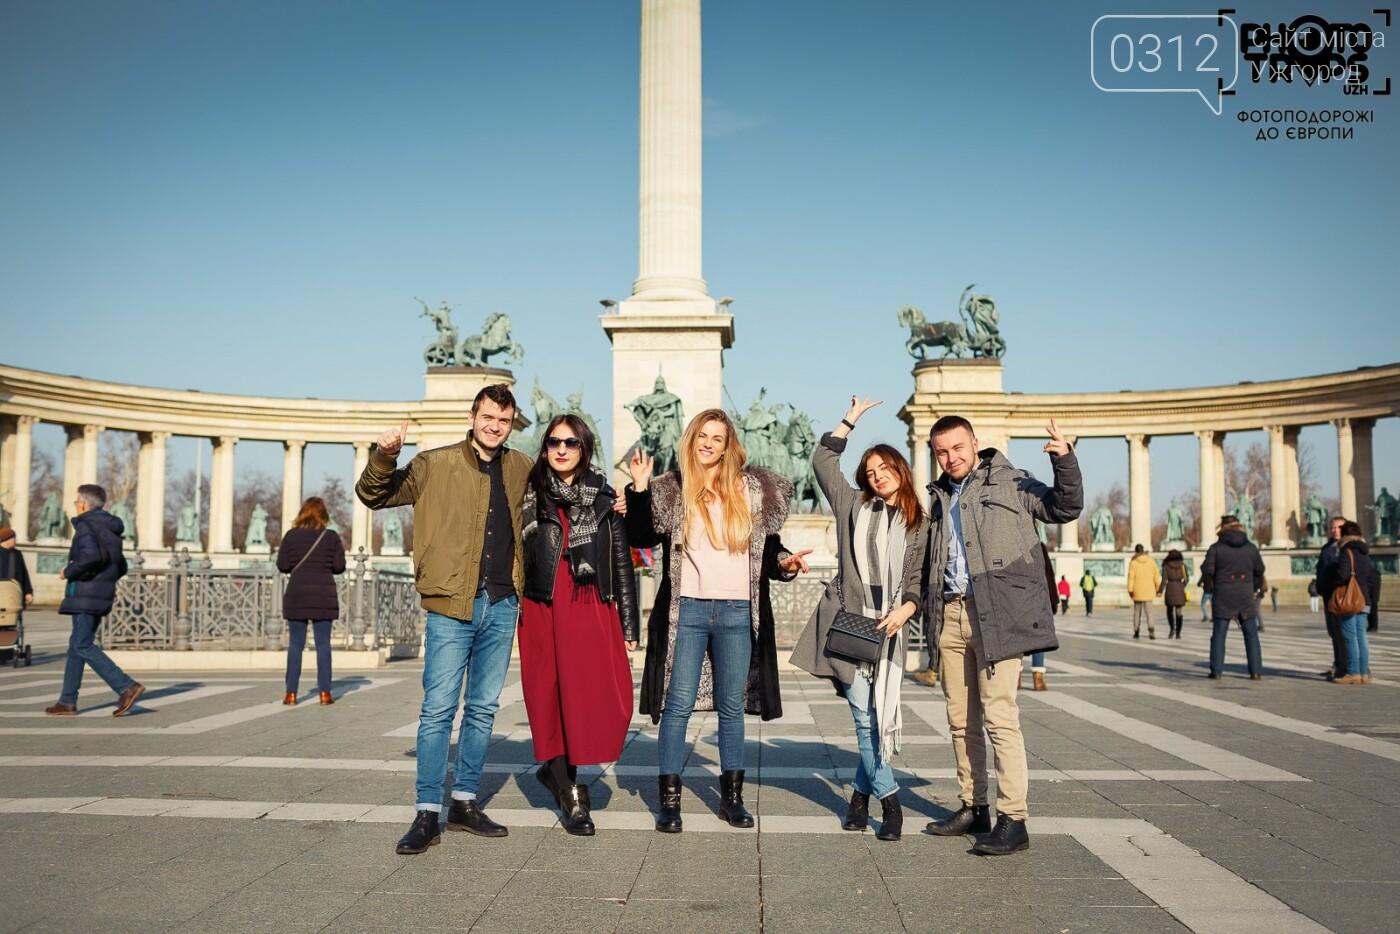 """""""Ми просто зібрались і поїхали"""" або як реалізовують ідею фотомандрівок в Ужгороді (ФОТО, ВІДЕО), фото-2"""